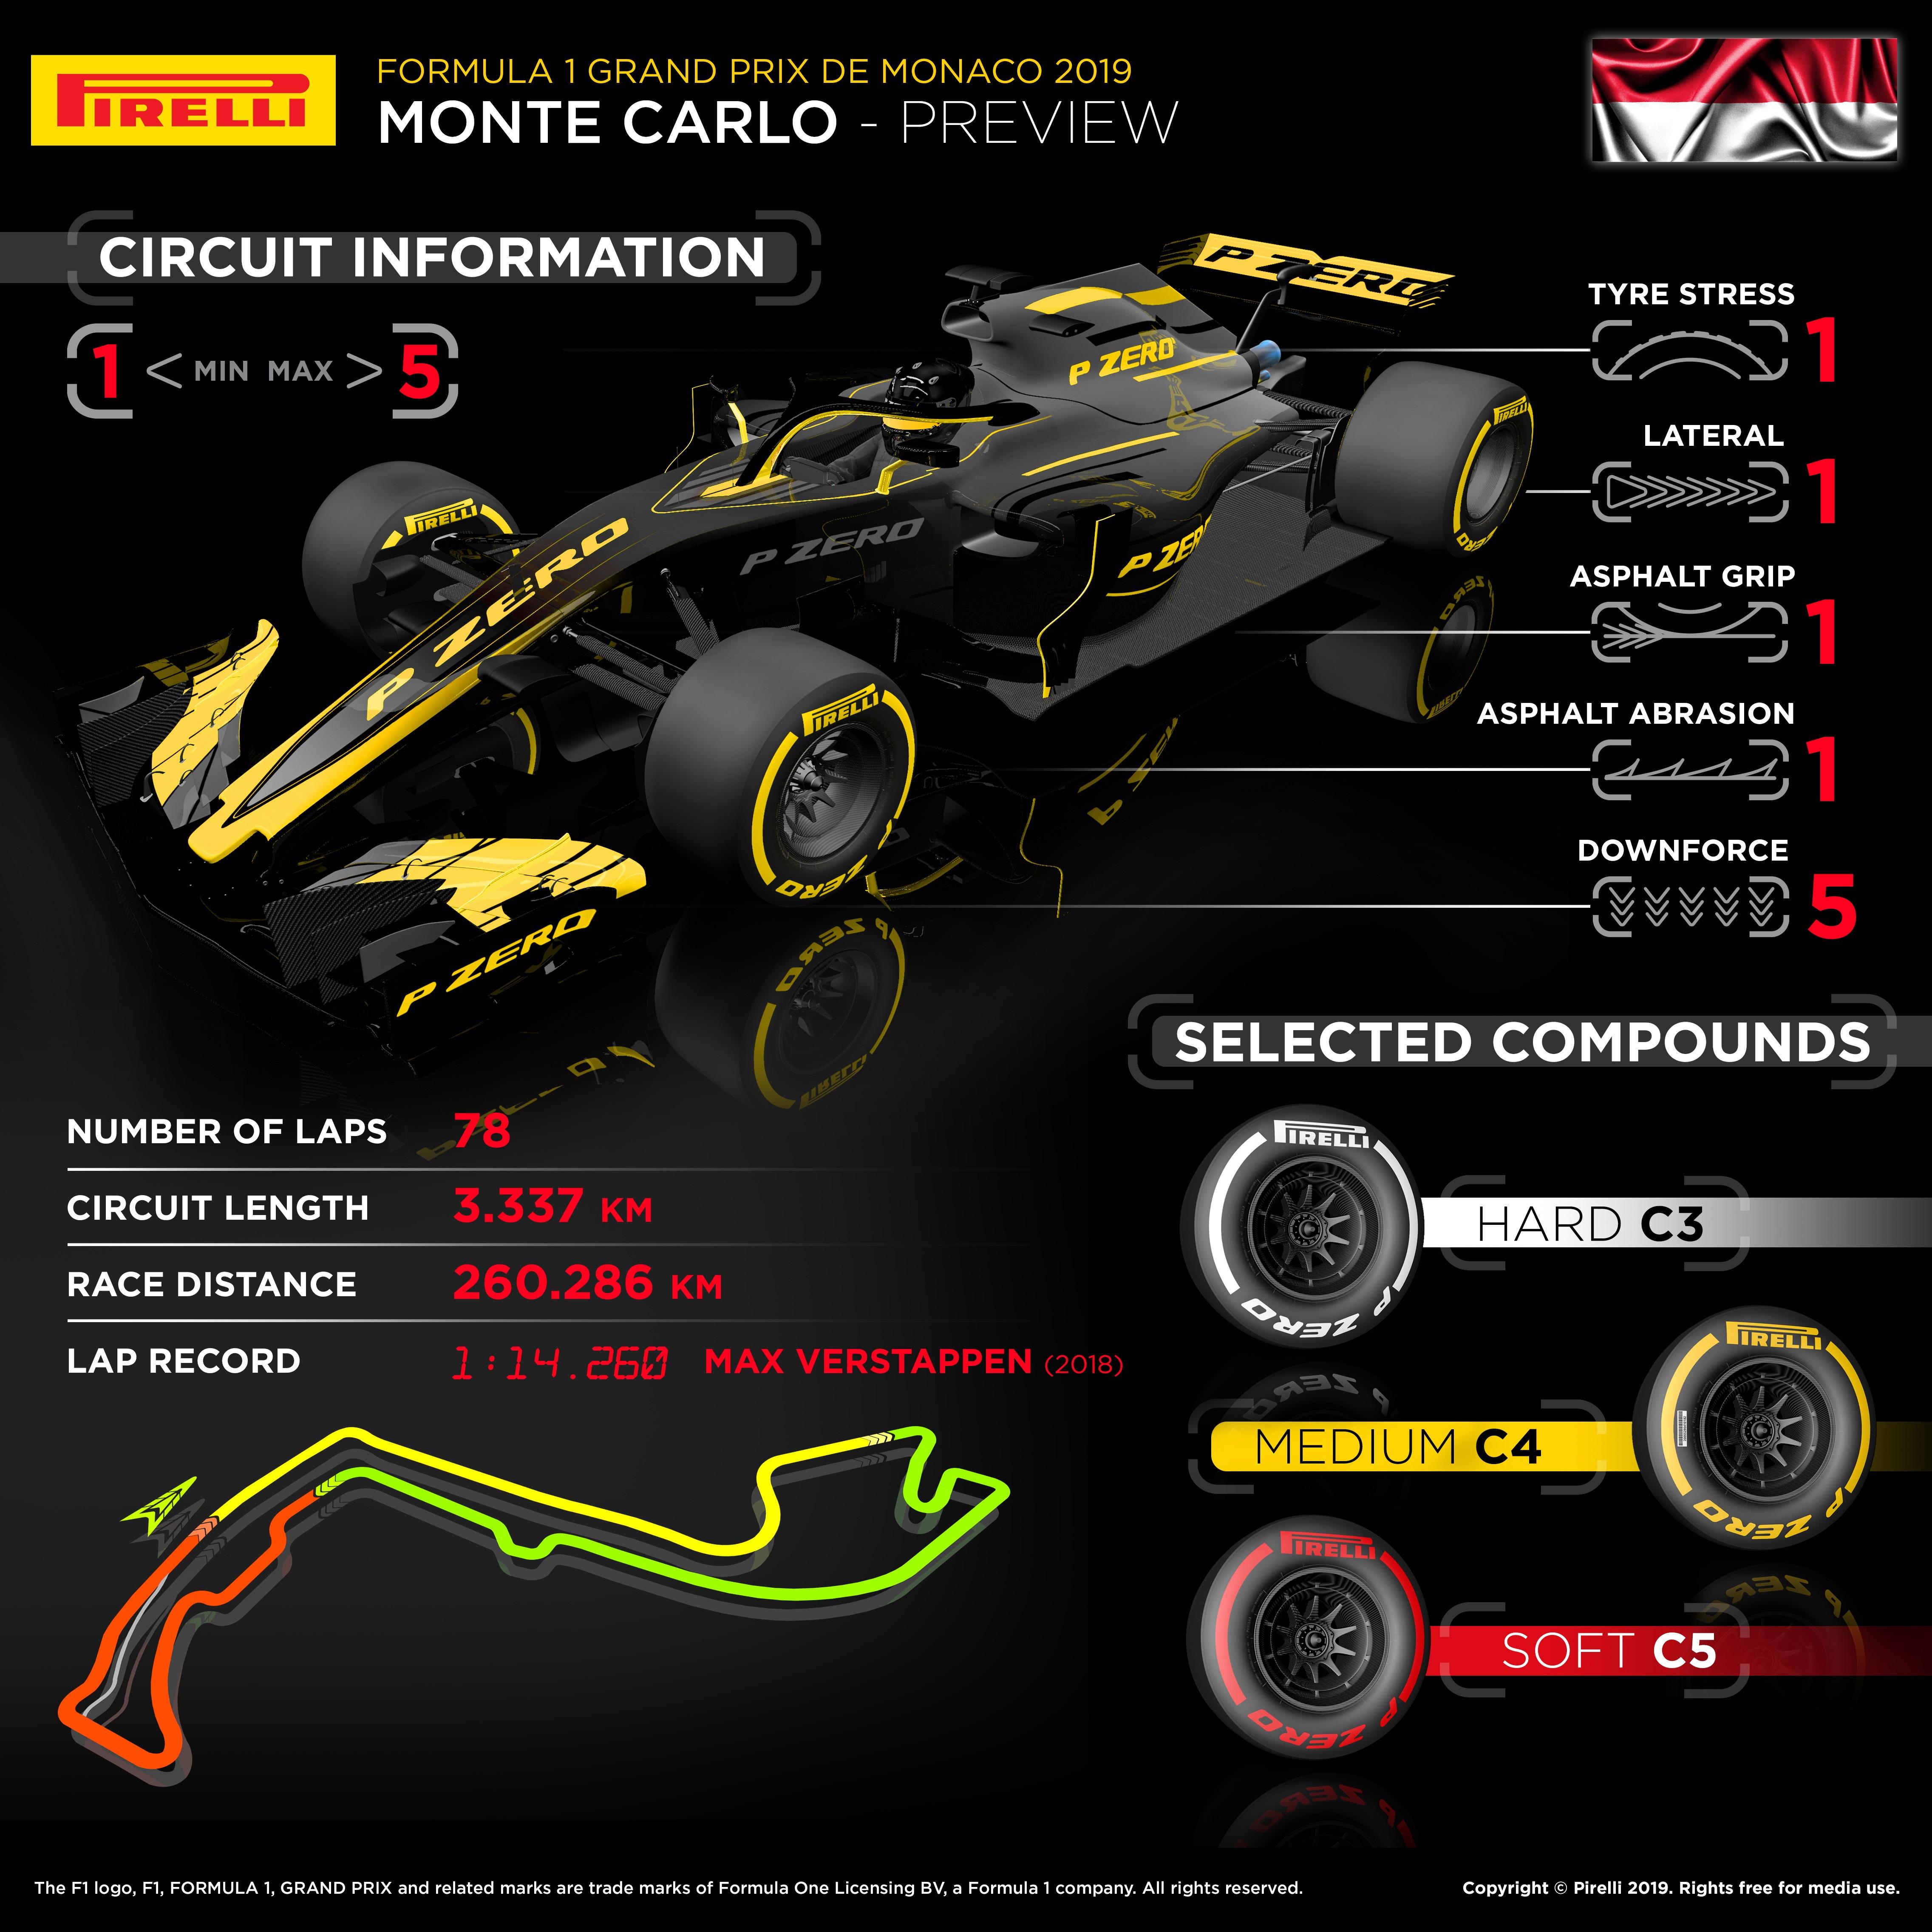 Infographic preview 2019 Monaco F1 GP